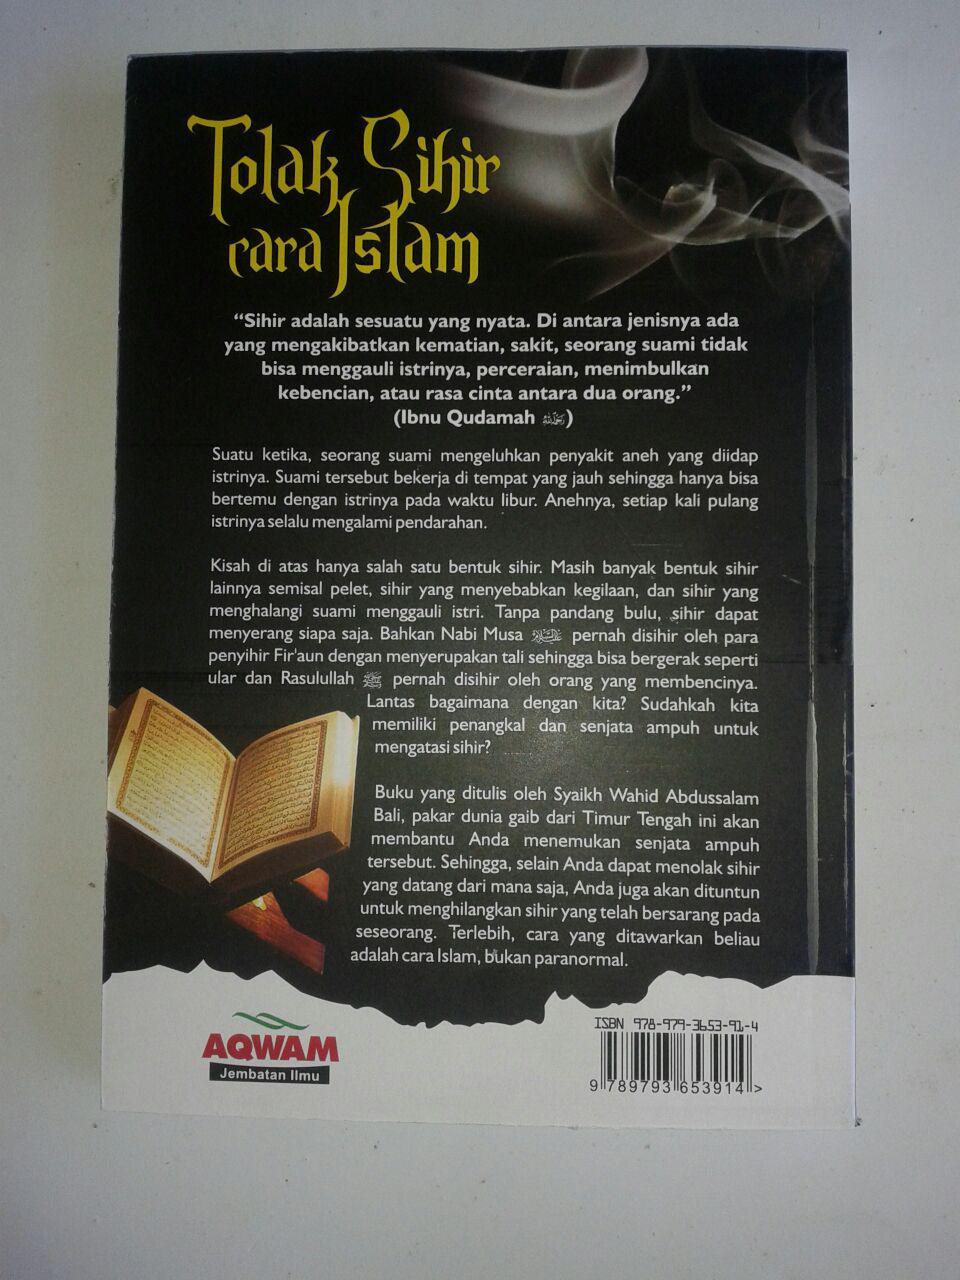 Buku Tolak Sihir Cara Islam cover